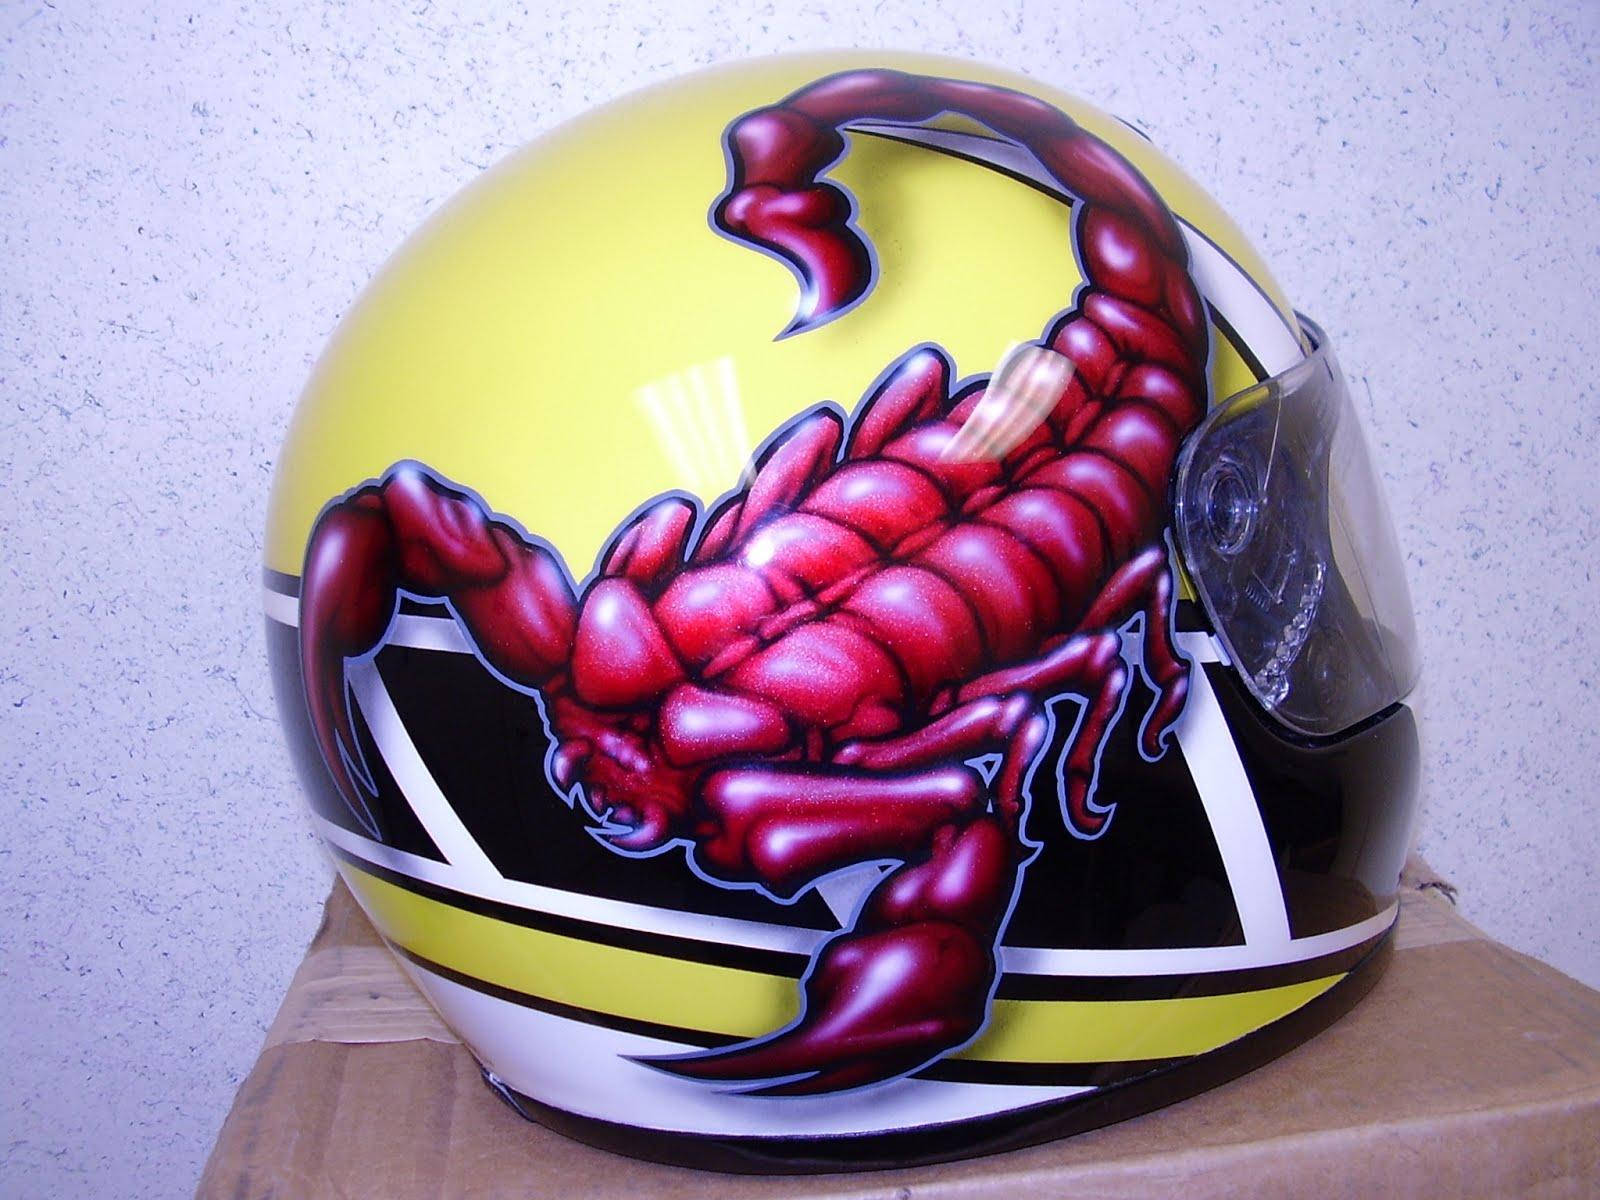 Scorpio Helmet